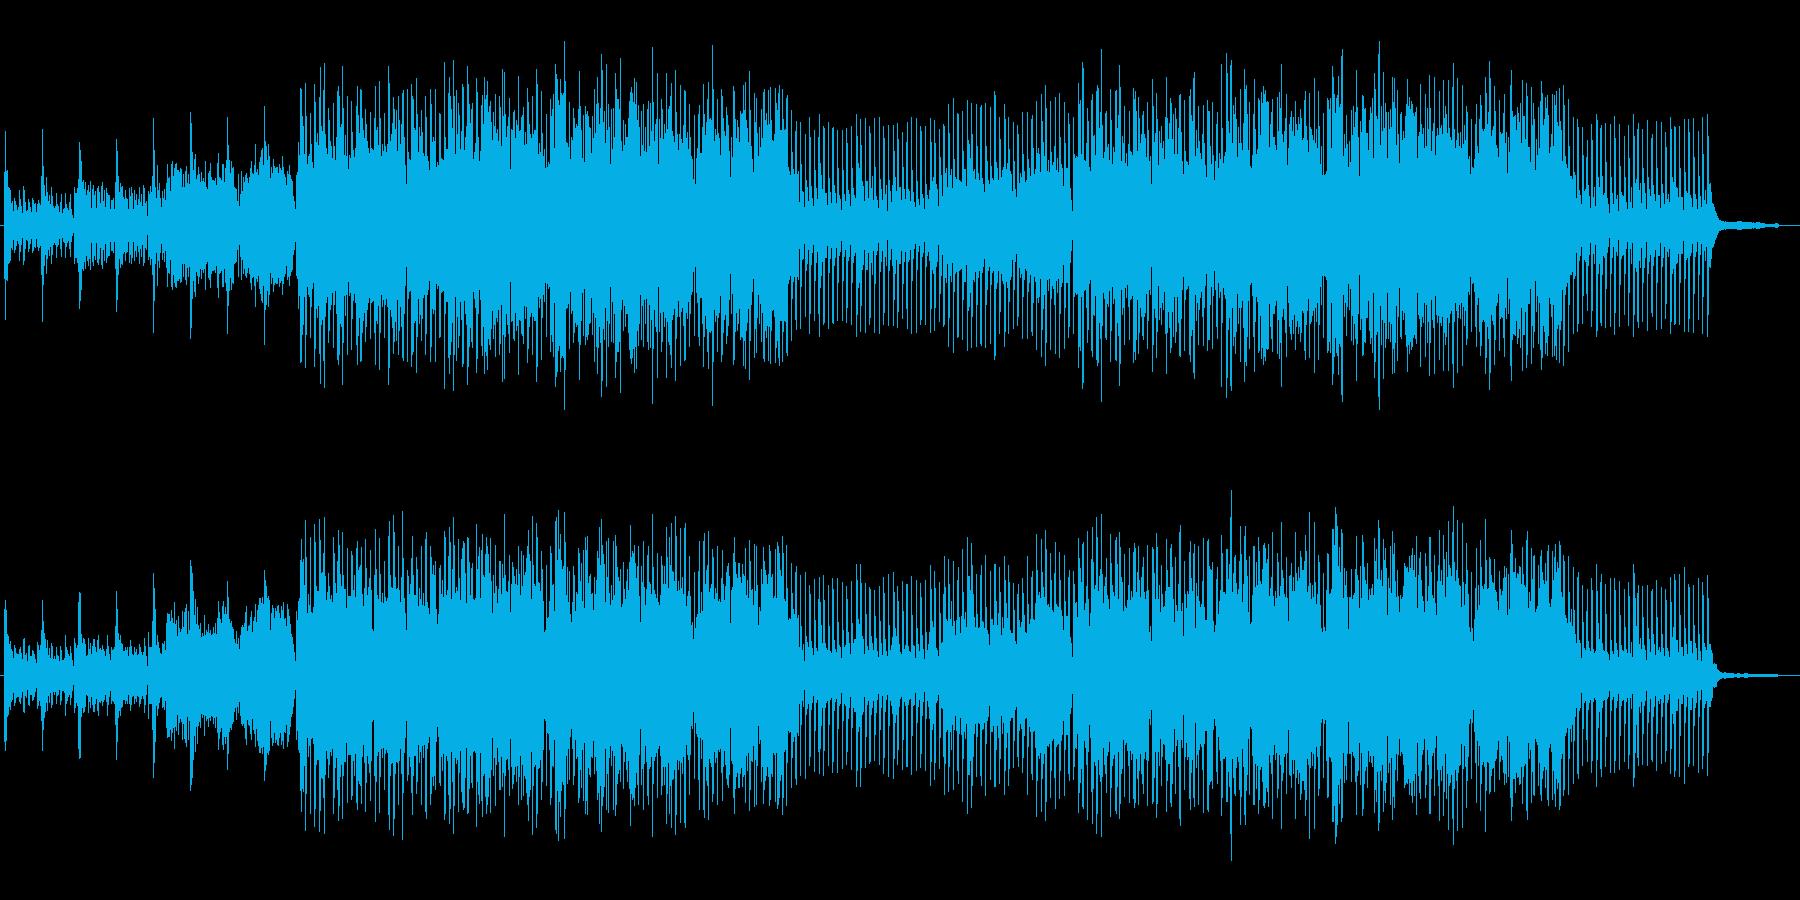 明るく、爽快、前向きなトランペット生演奏の再生済みの波形